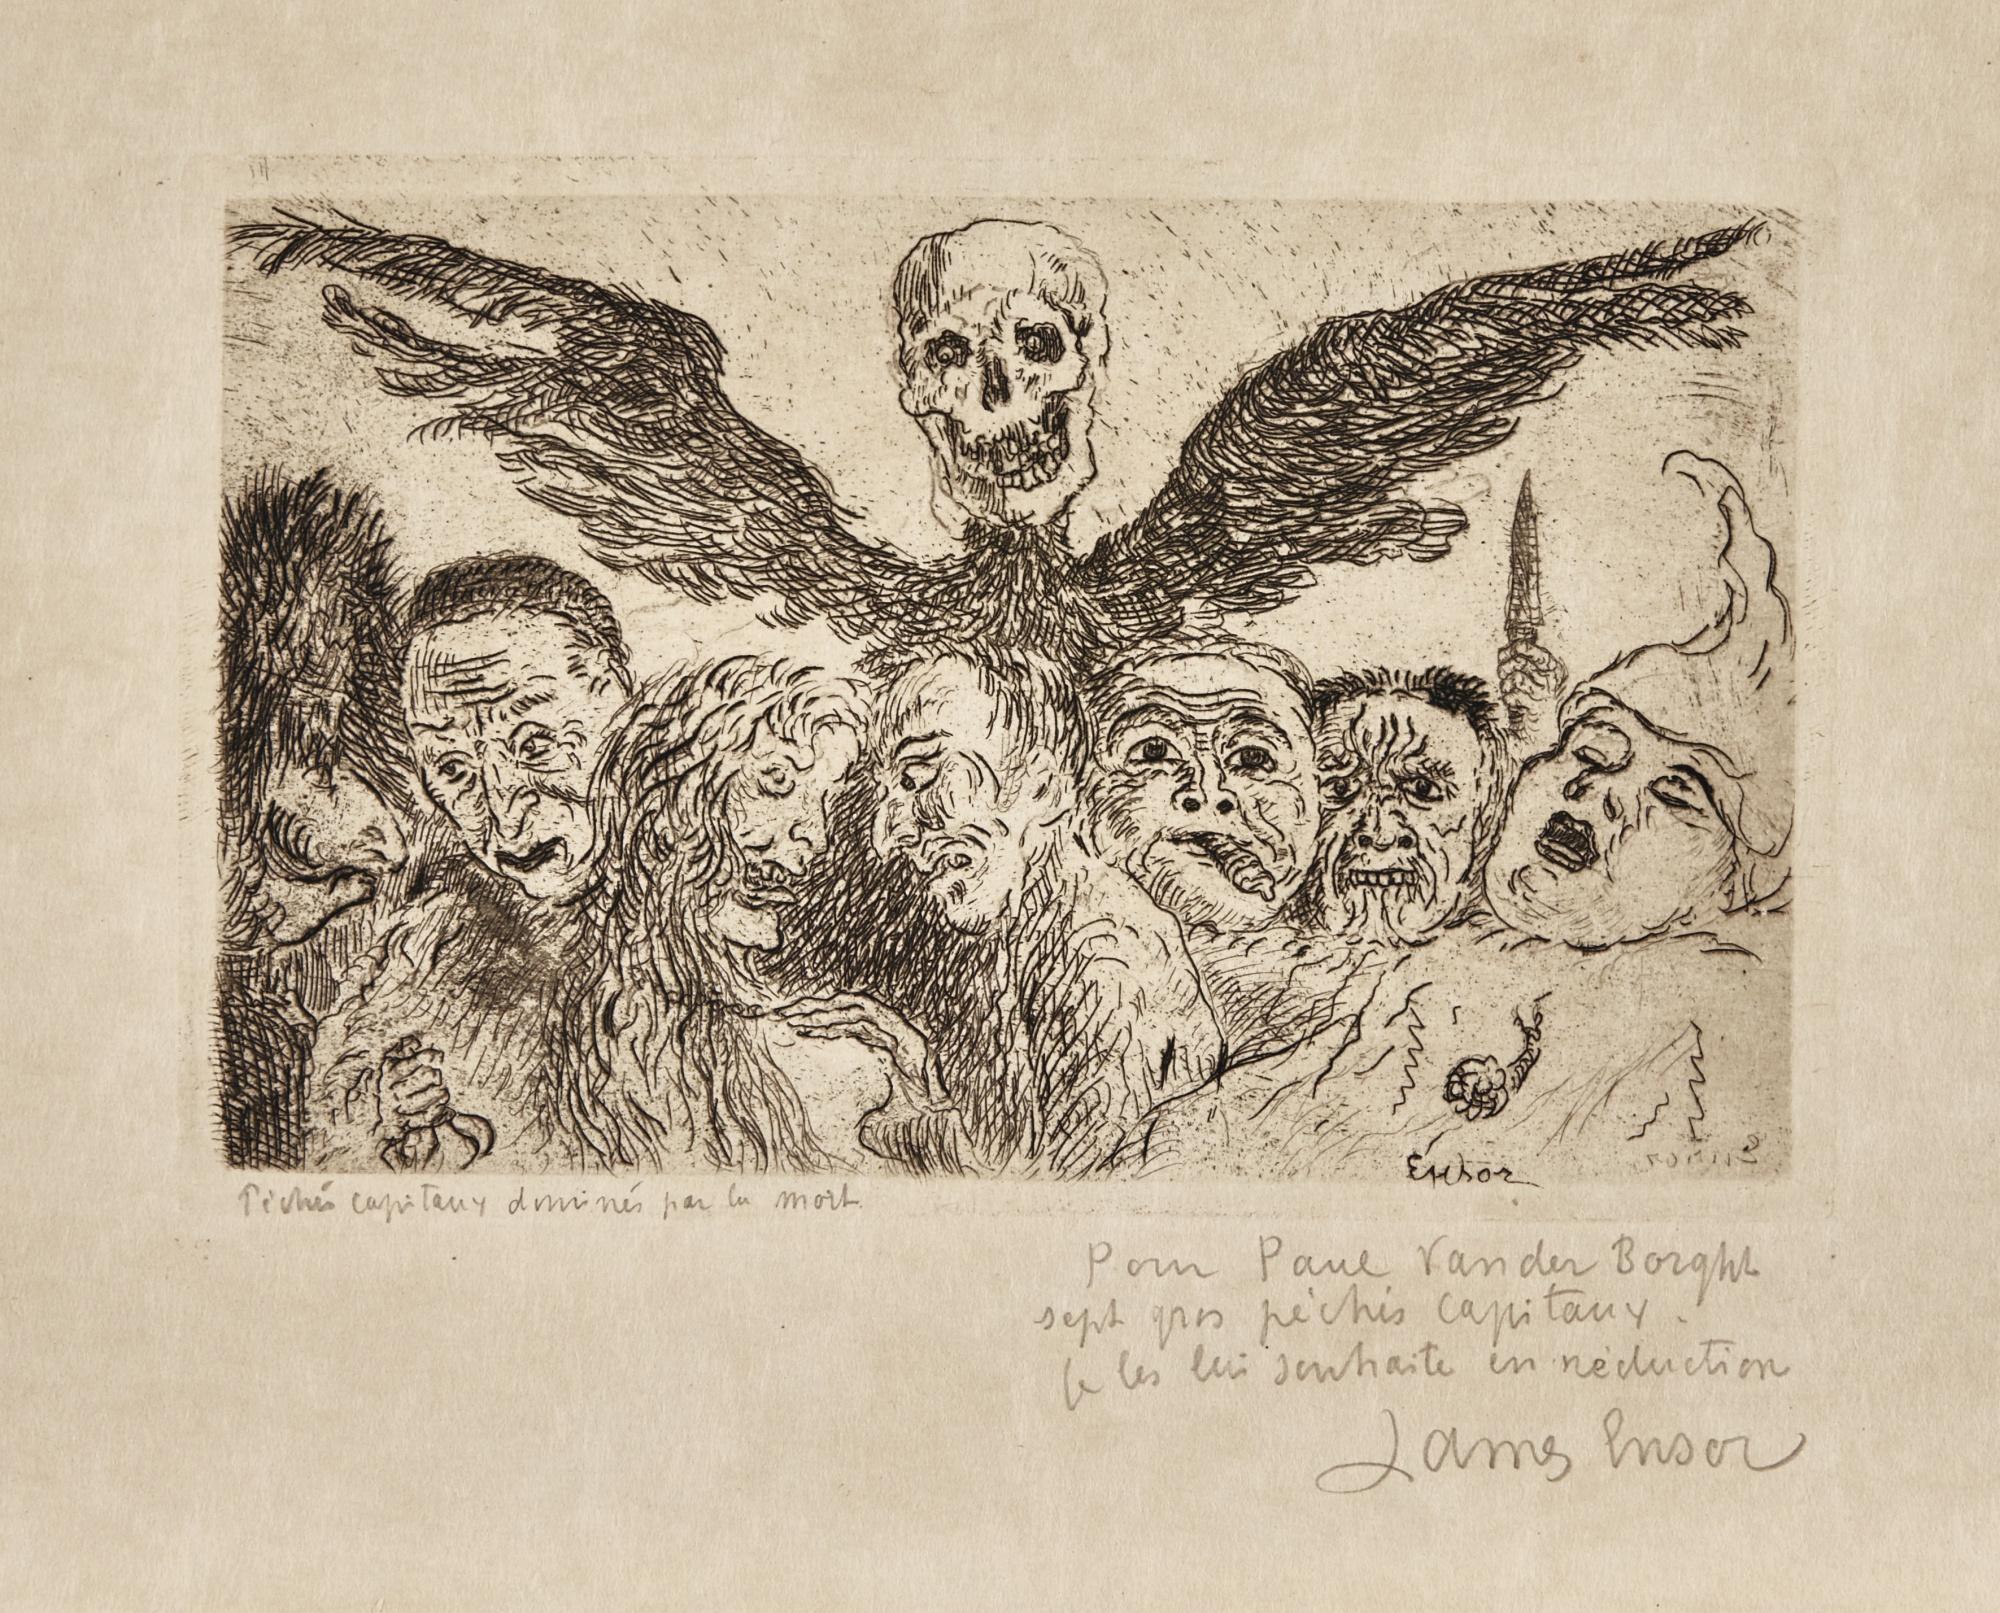 James Ensor-Les PÉChÉS Capitaux DominÉS Par La Mort (D.T. 126; E. 131)-1904